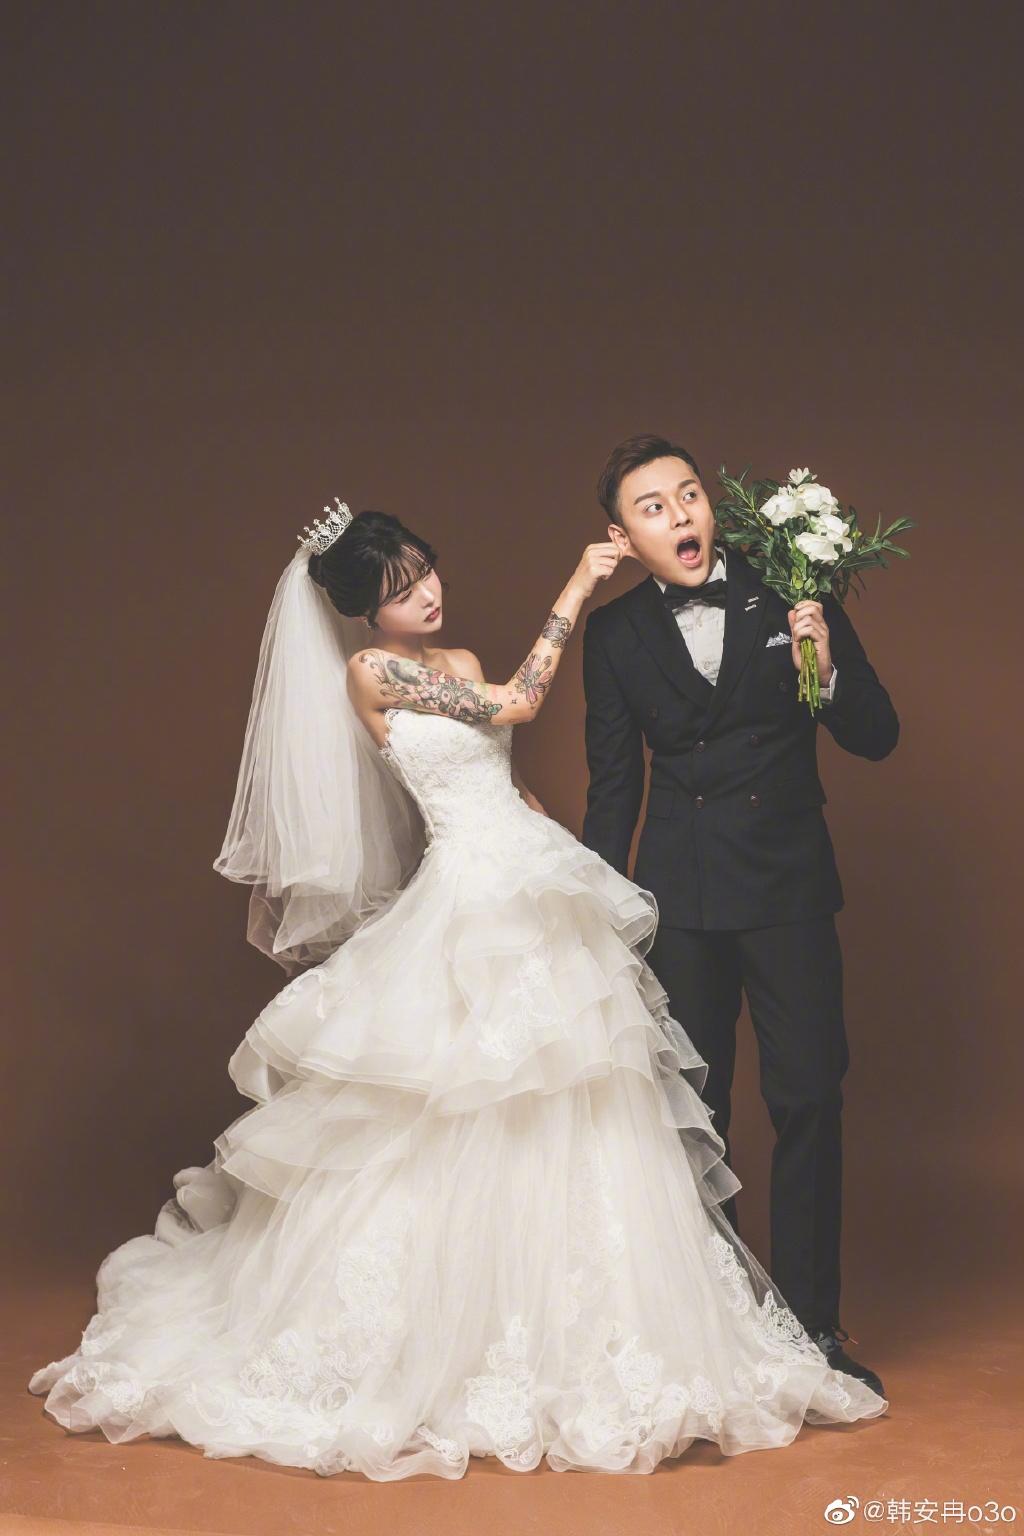 網紅「韓安冉」驚傳離婚!她崩潰發文「別罵我了」曬離婚證 粉絲傻眼:貴圈真亂